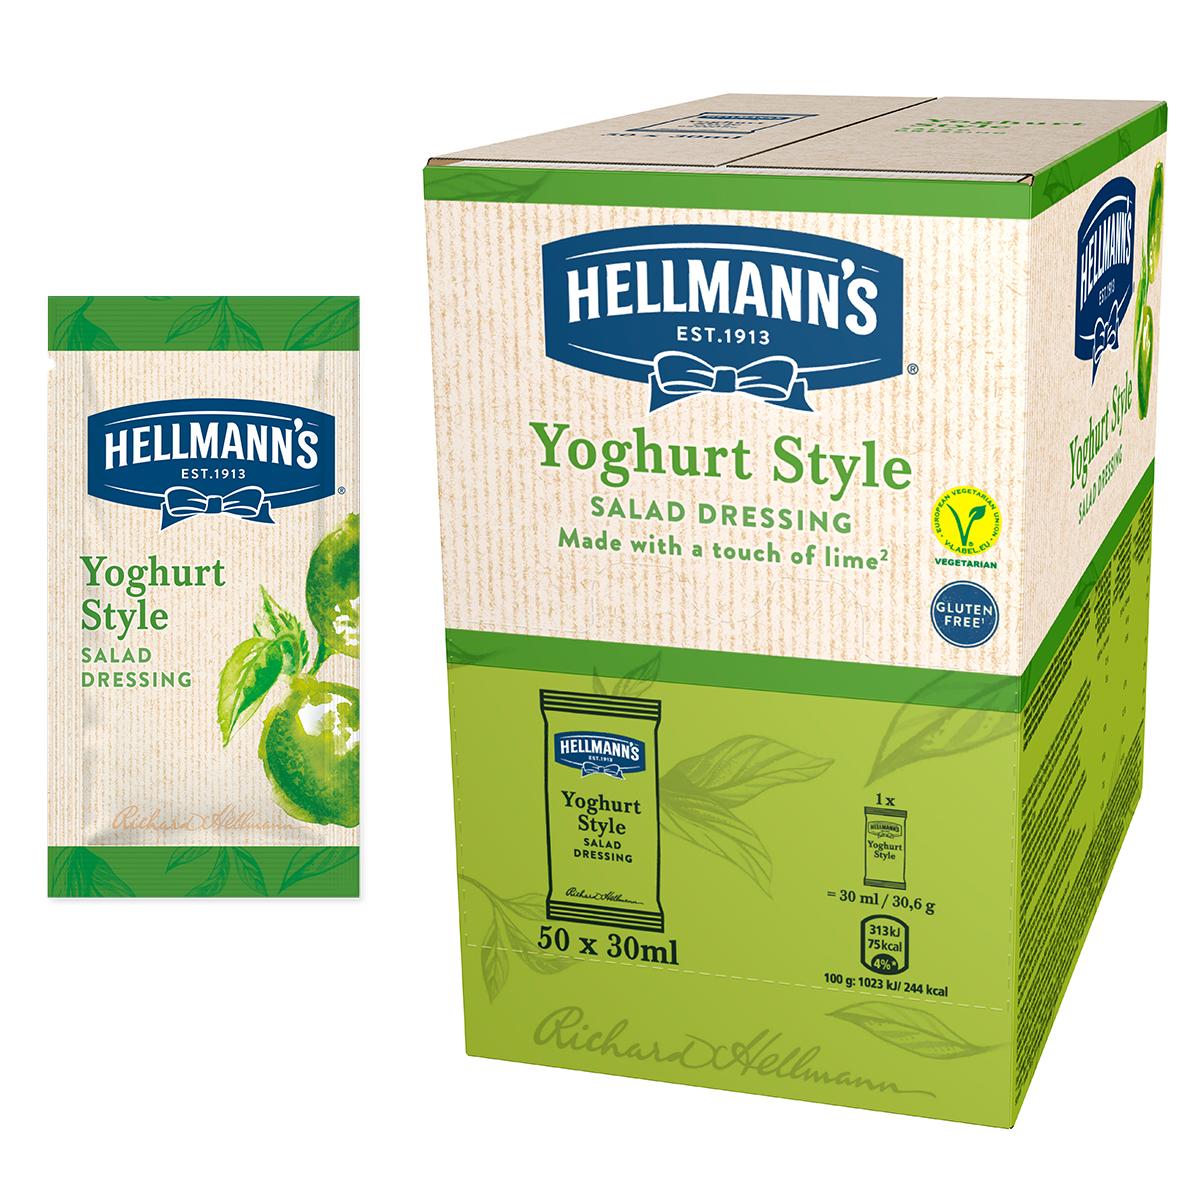 Hellmann's Solatni preliv z okusom jogurta in limete 30 ml - Hellmann's solatni prelivi, idealni za izboljšanje okusa vaših solat v priročnem porcijskem pakiranju.